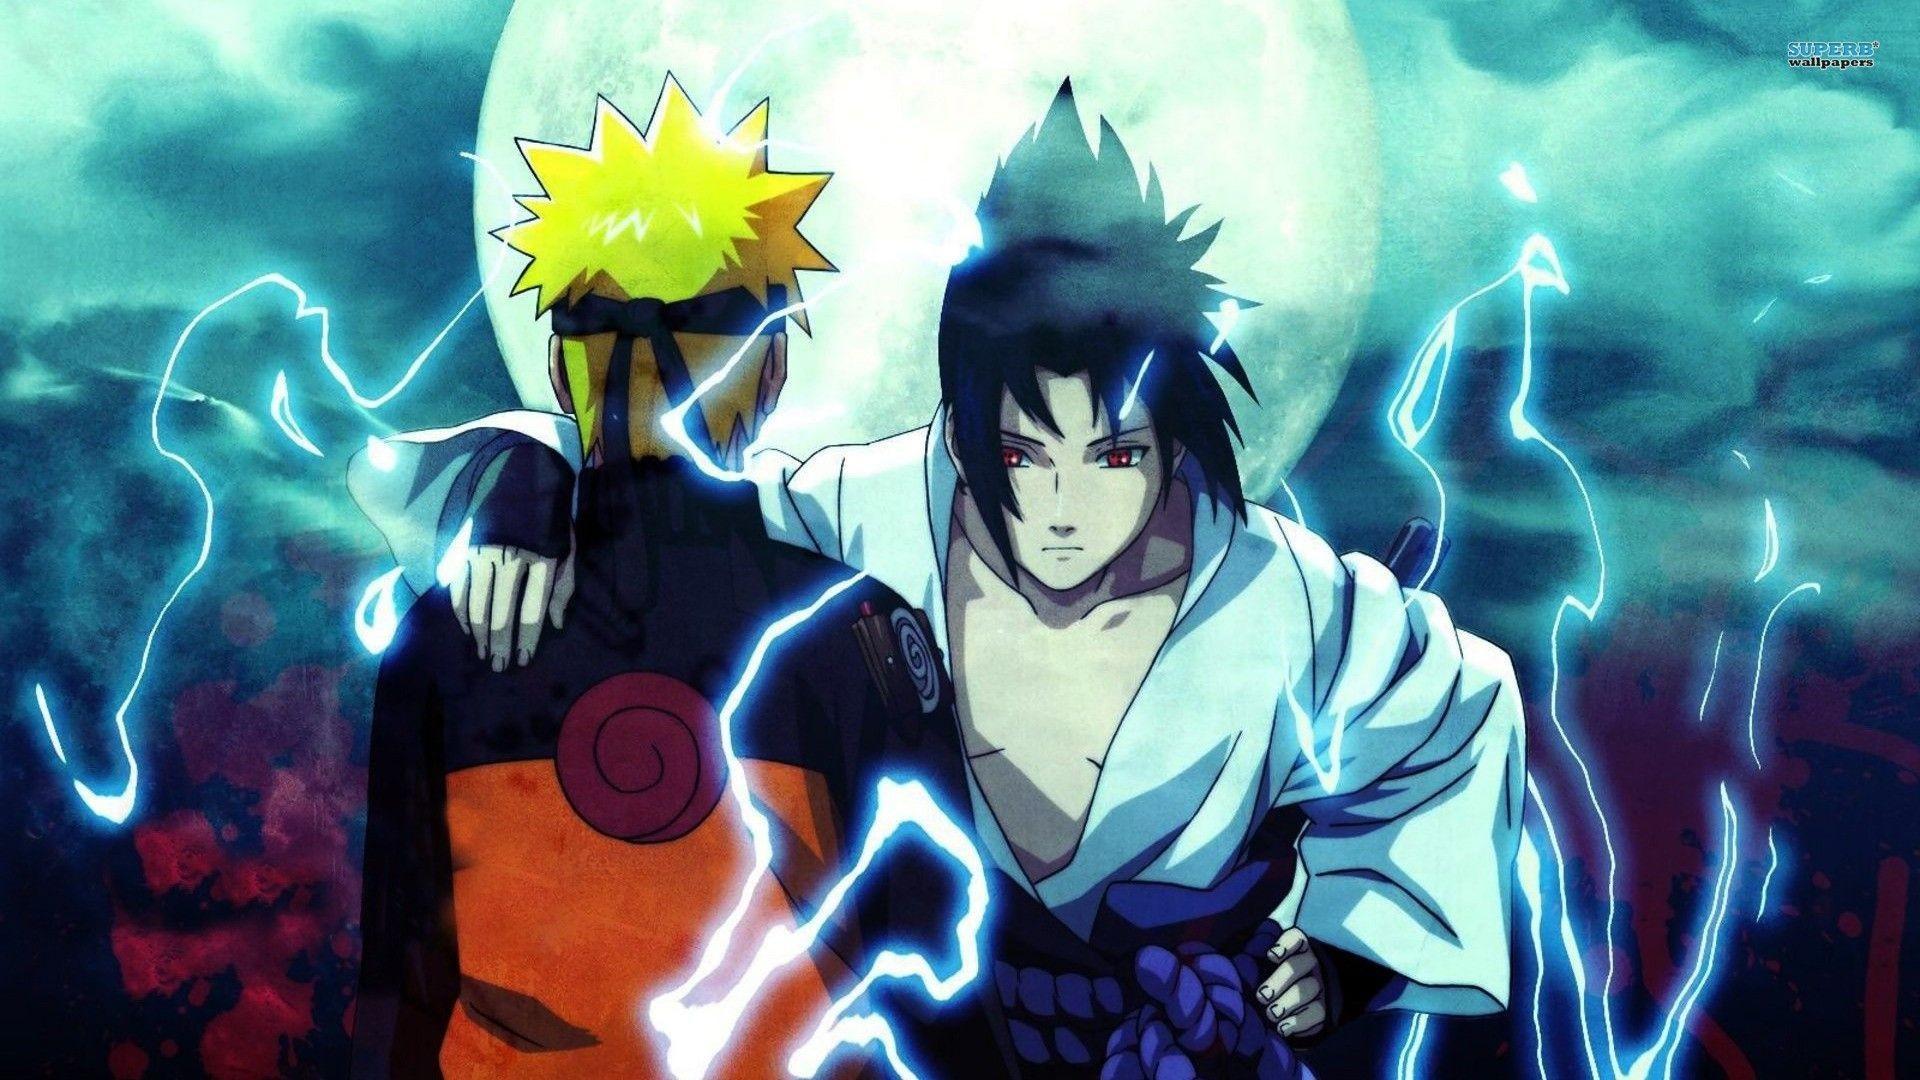 Itachi Uchiha And Sasuke Uchiha Wallpapers Desktop Background .